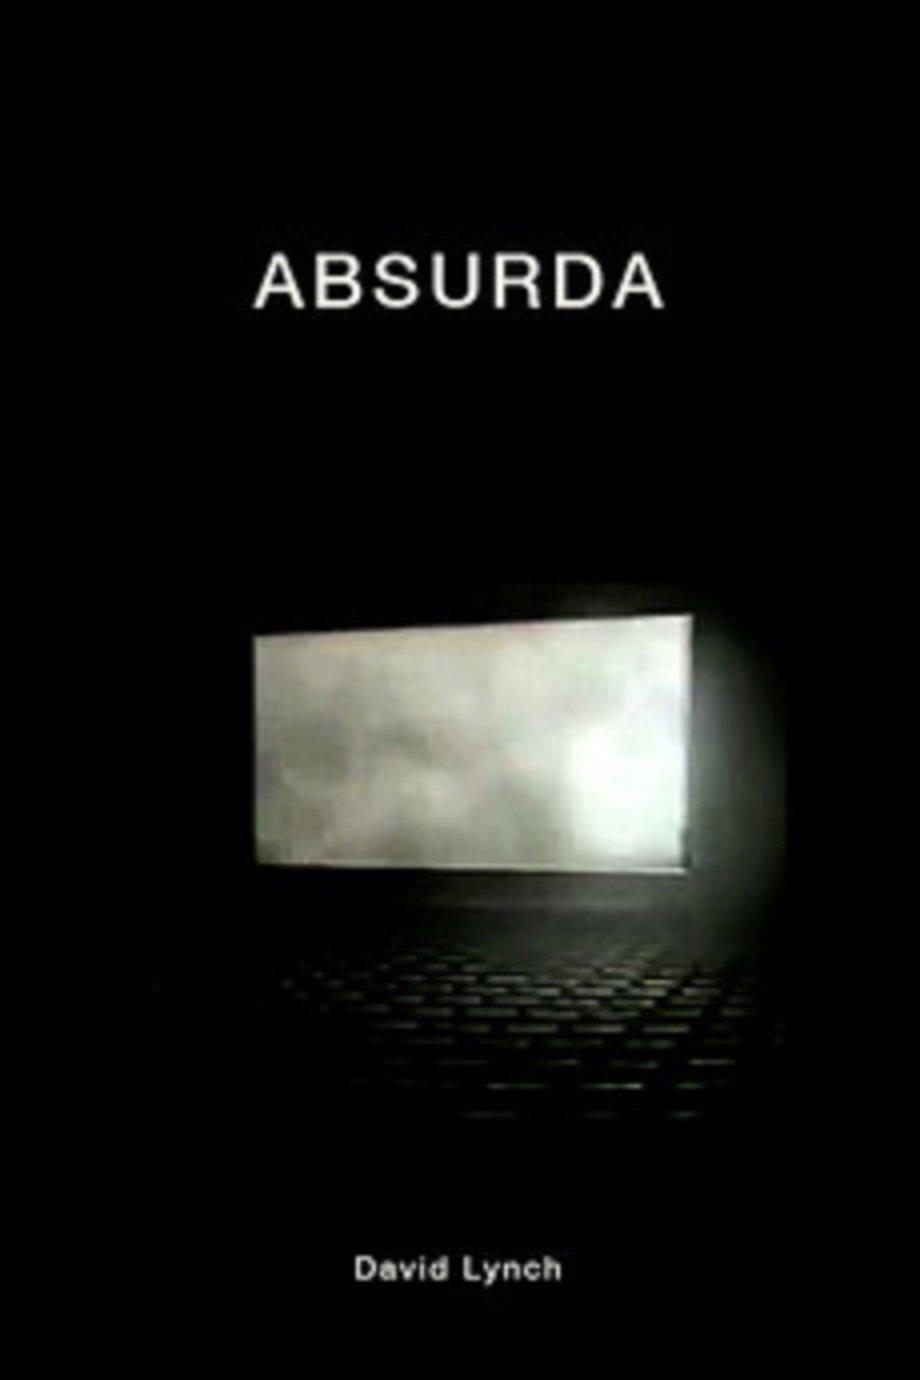 دانلود زیرنویس فارسی فیلم Absurda